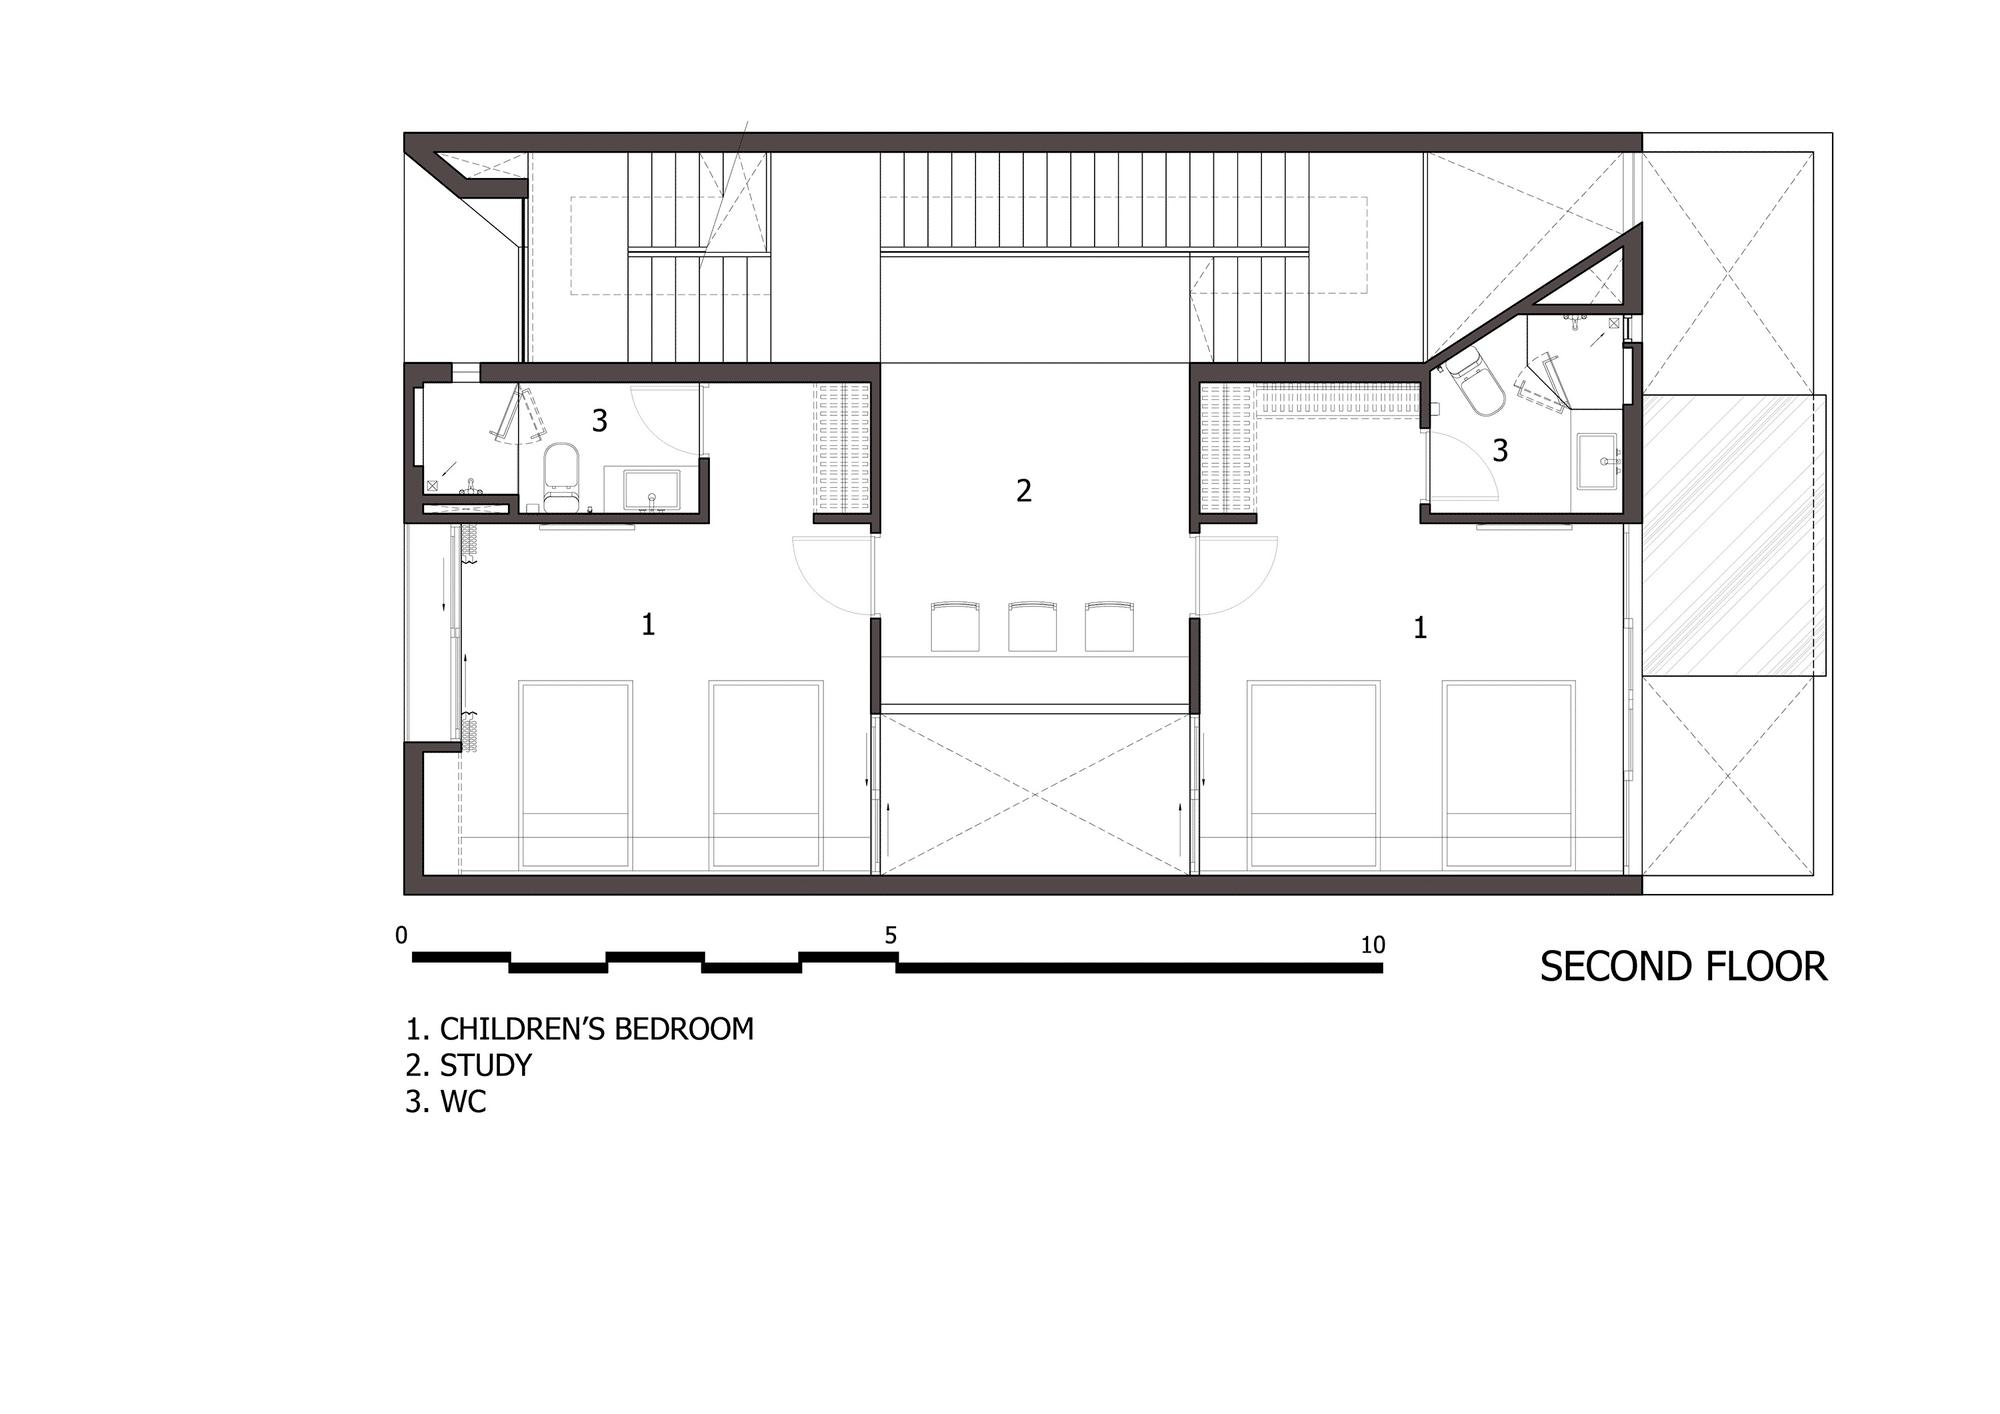 Dise o de casa moderna de tres pisos planos y fachada for Planos para segundo piso